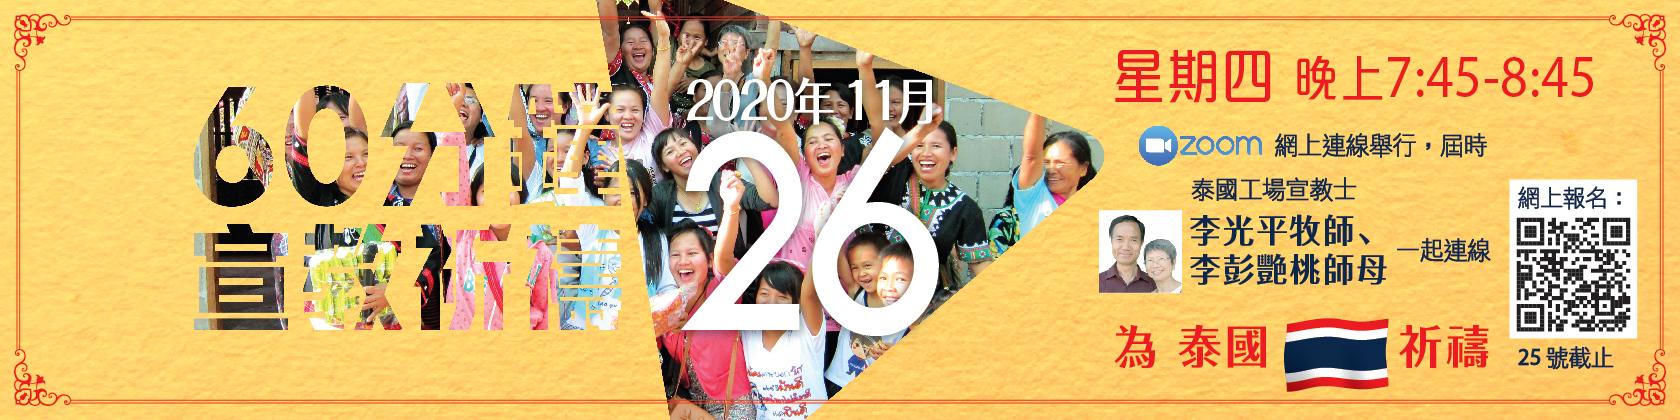 2020祈禱會-11